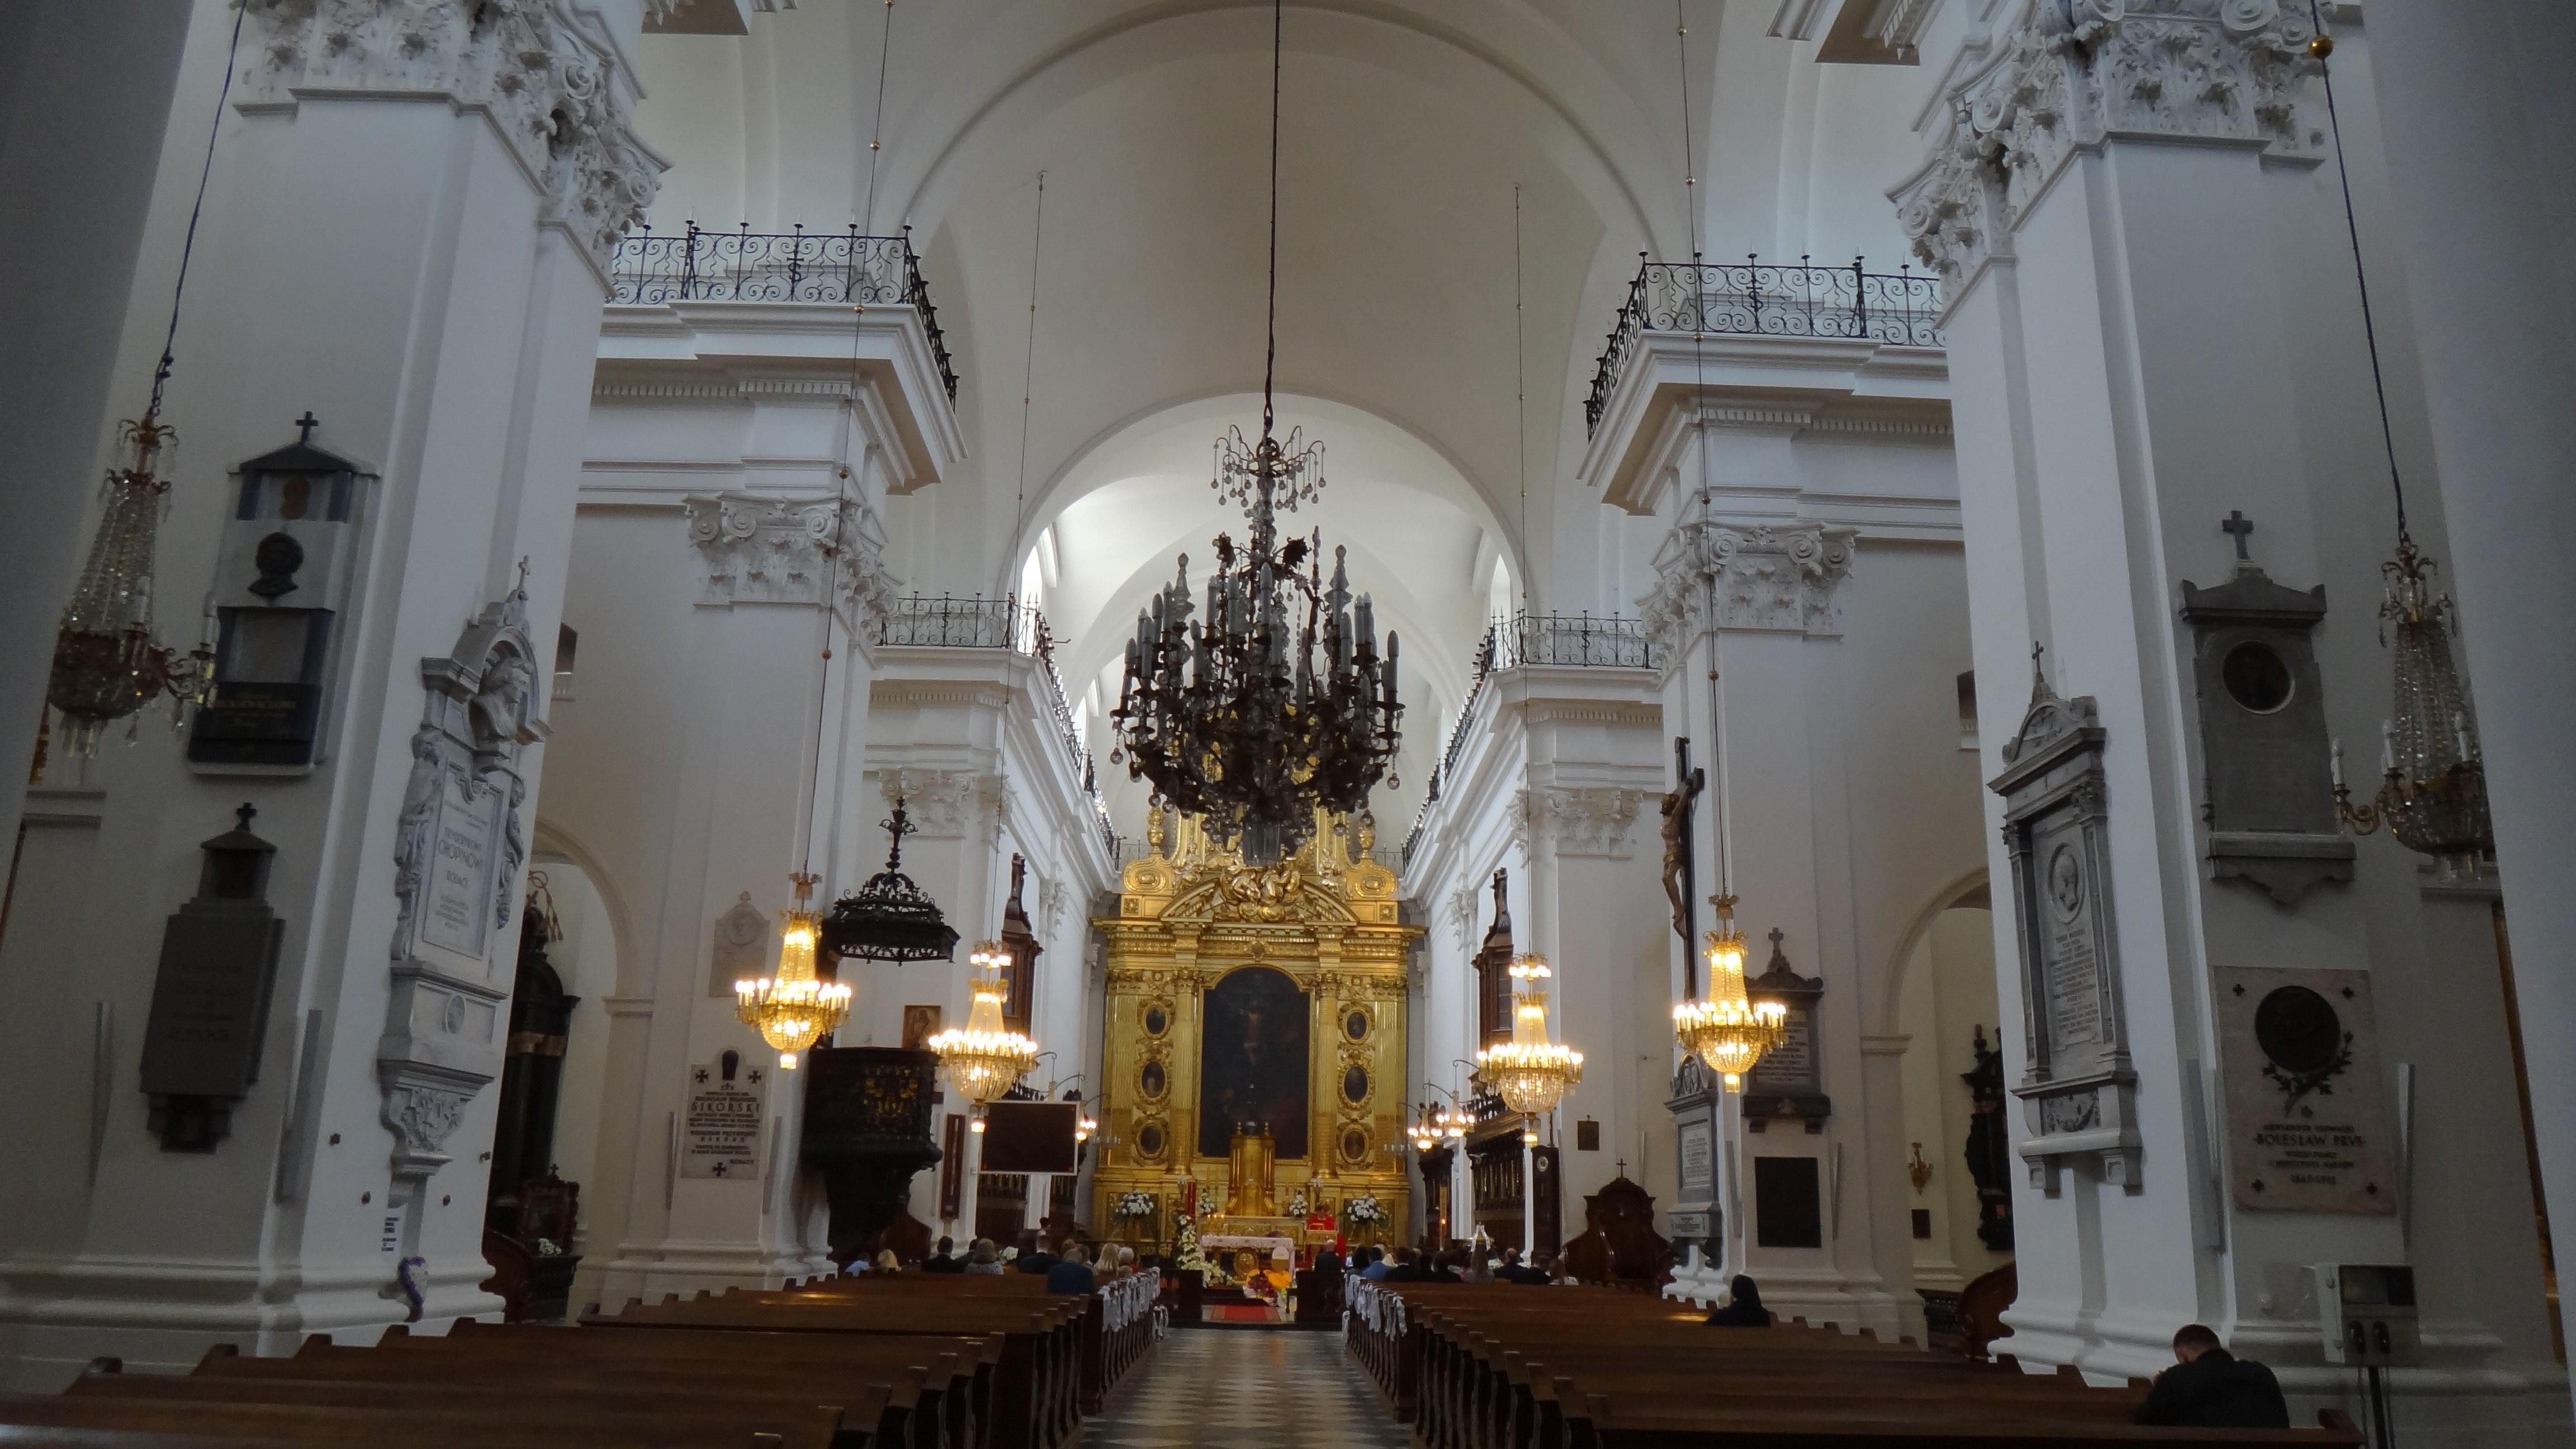 【携程攻略】波兰中郡华沙圣十字教堂好玩吗,华沙圣样